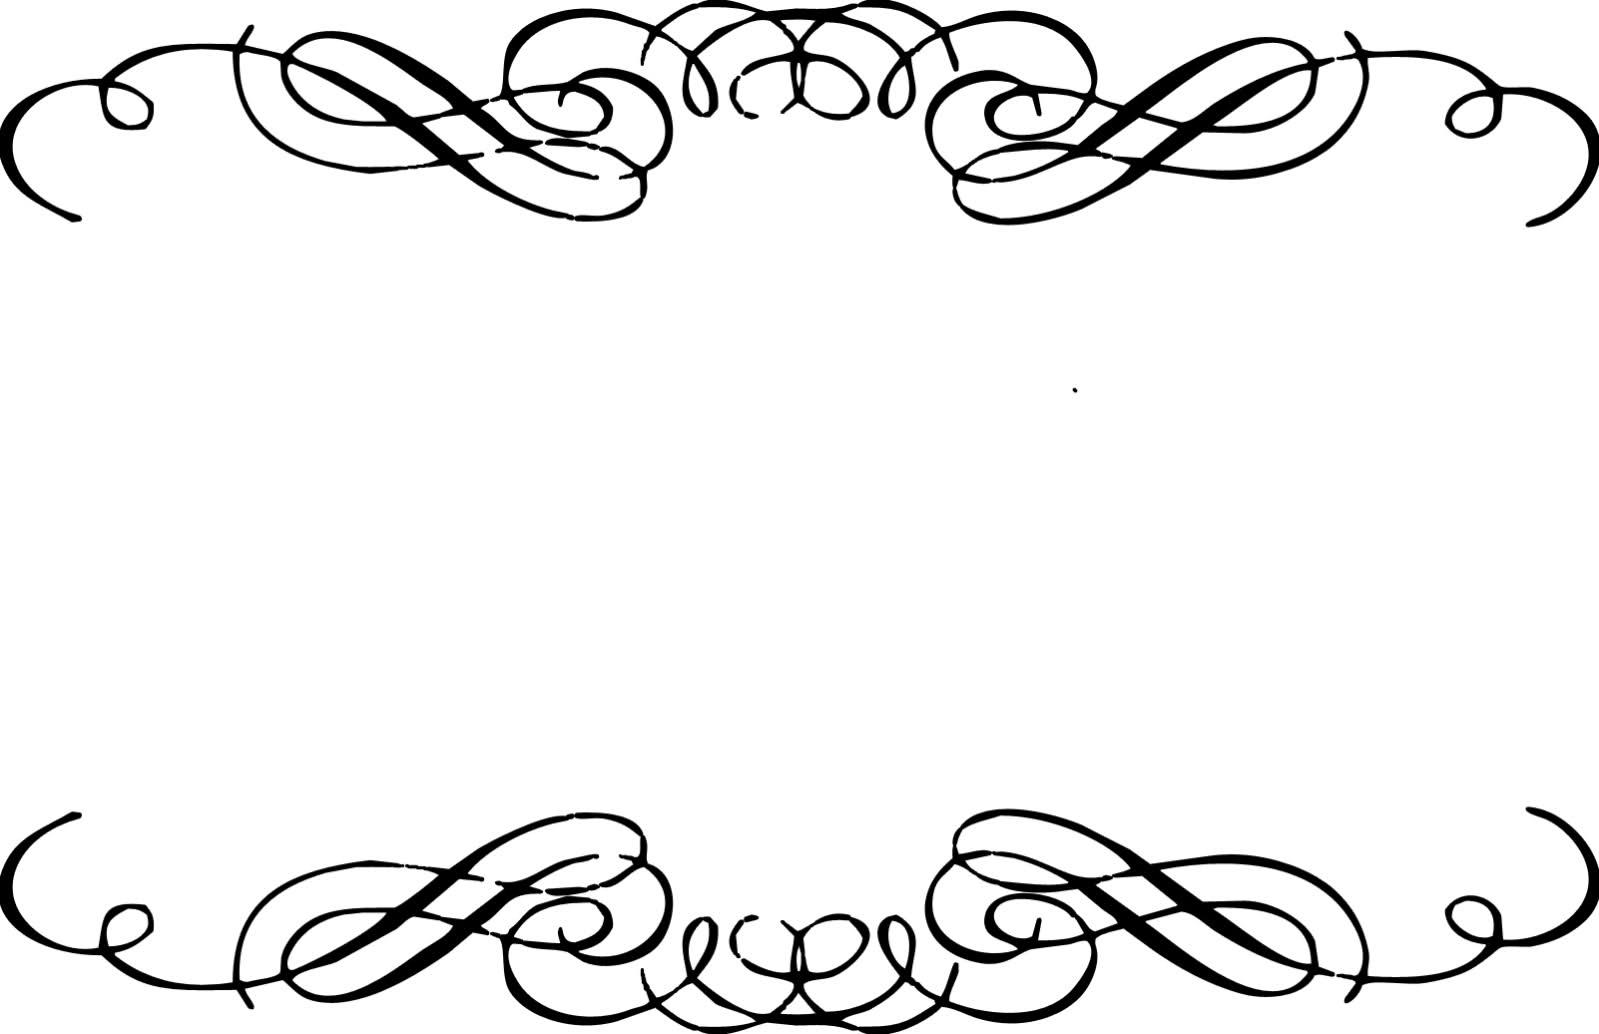 Fancy scrollwork clip art 2